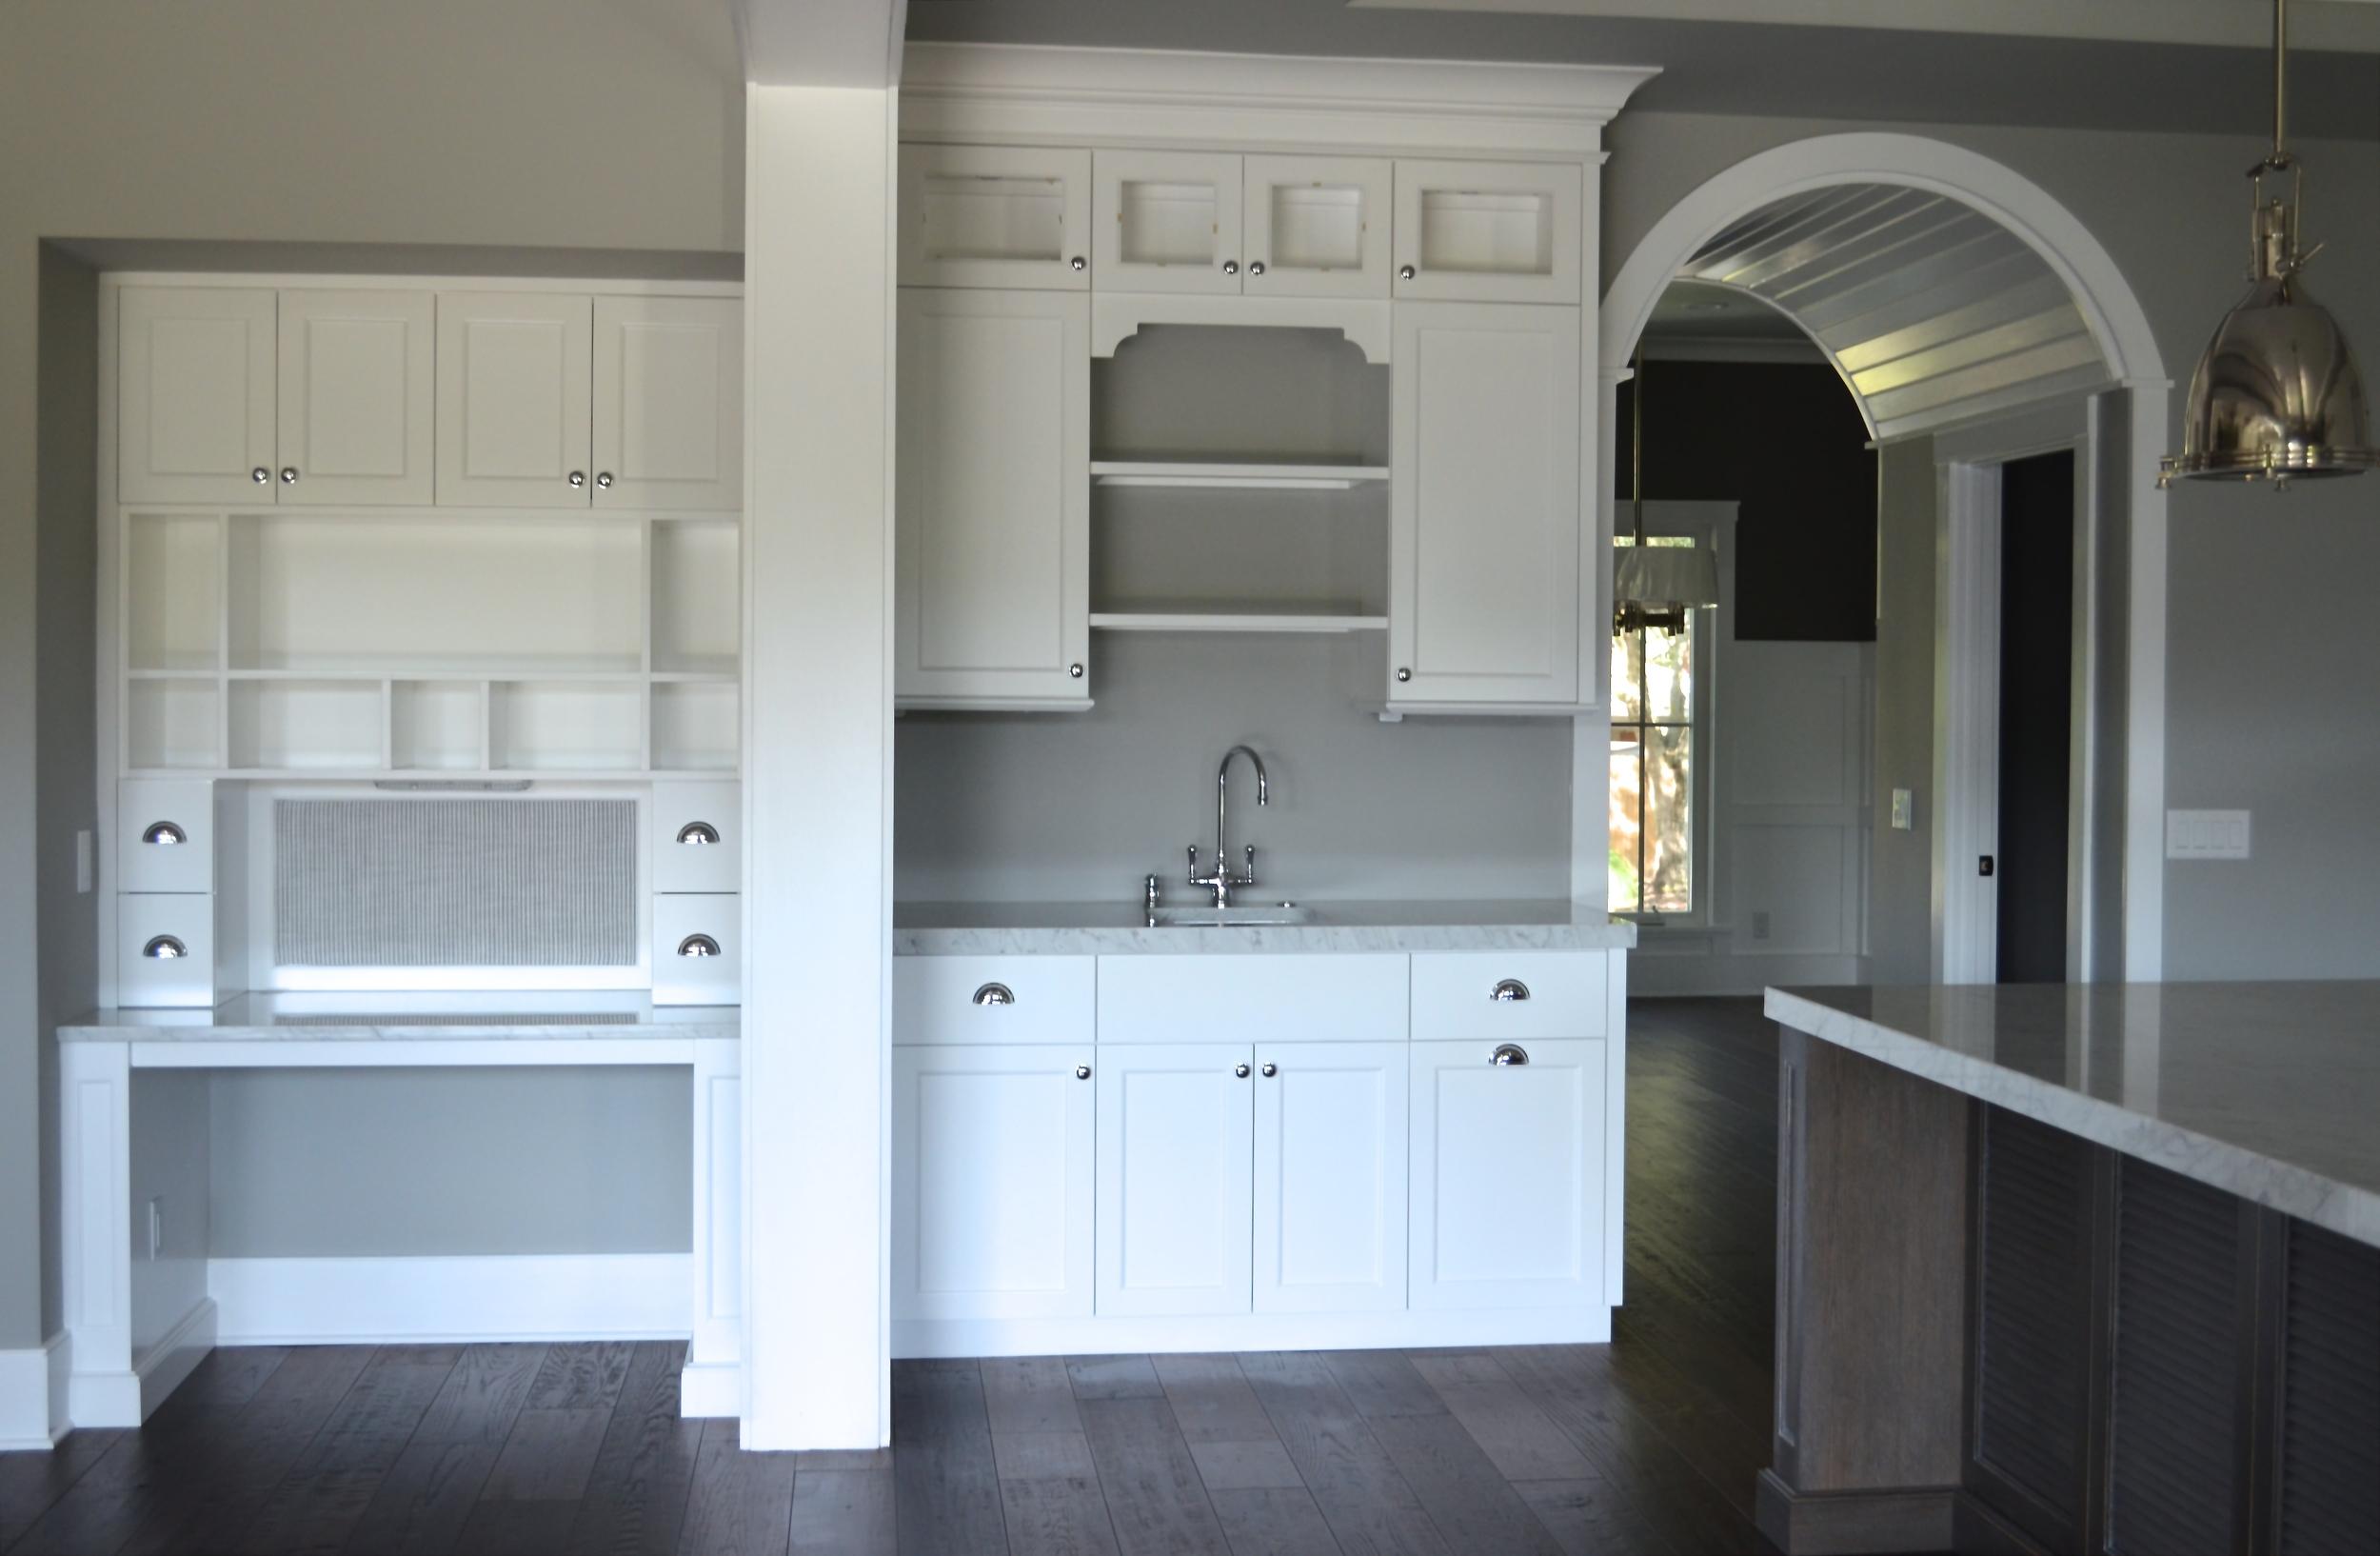 Kitchen - Build Ins